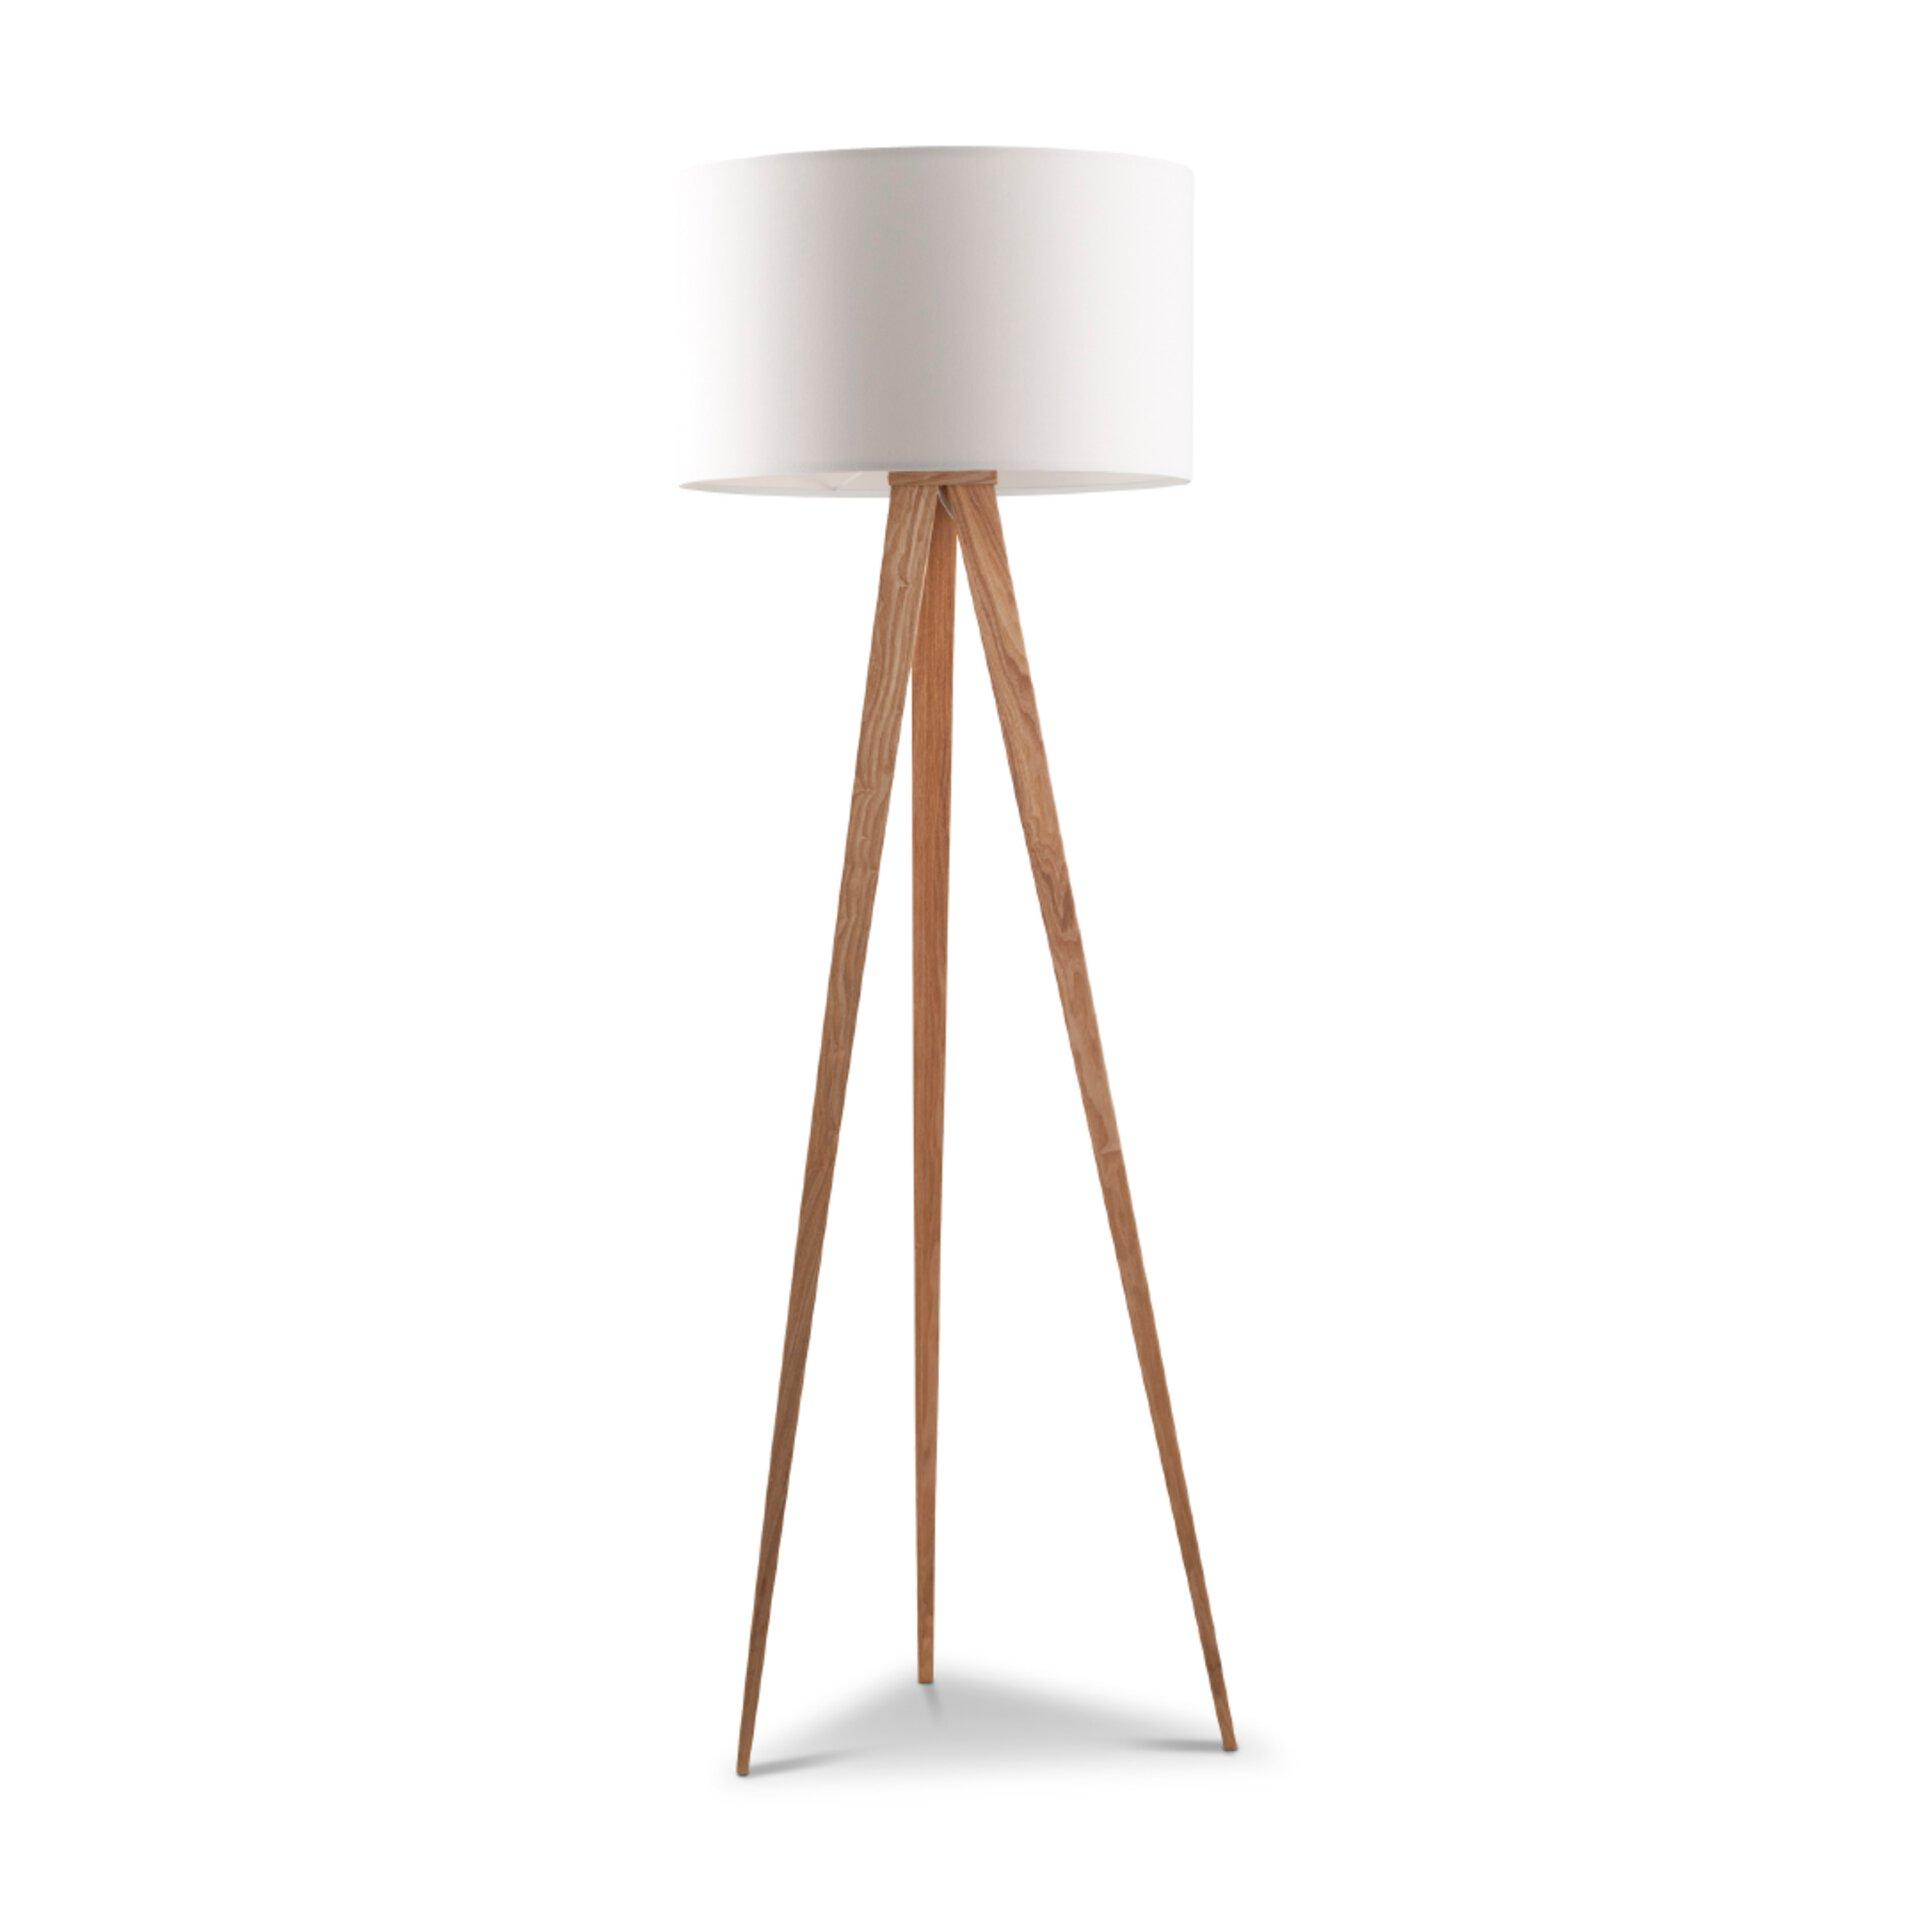 Stehlampe von Zuiver in weiss und Holz